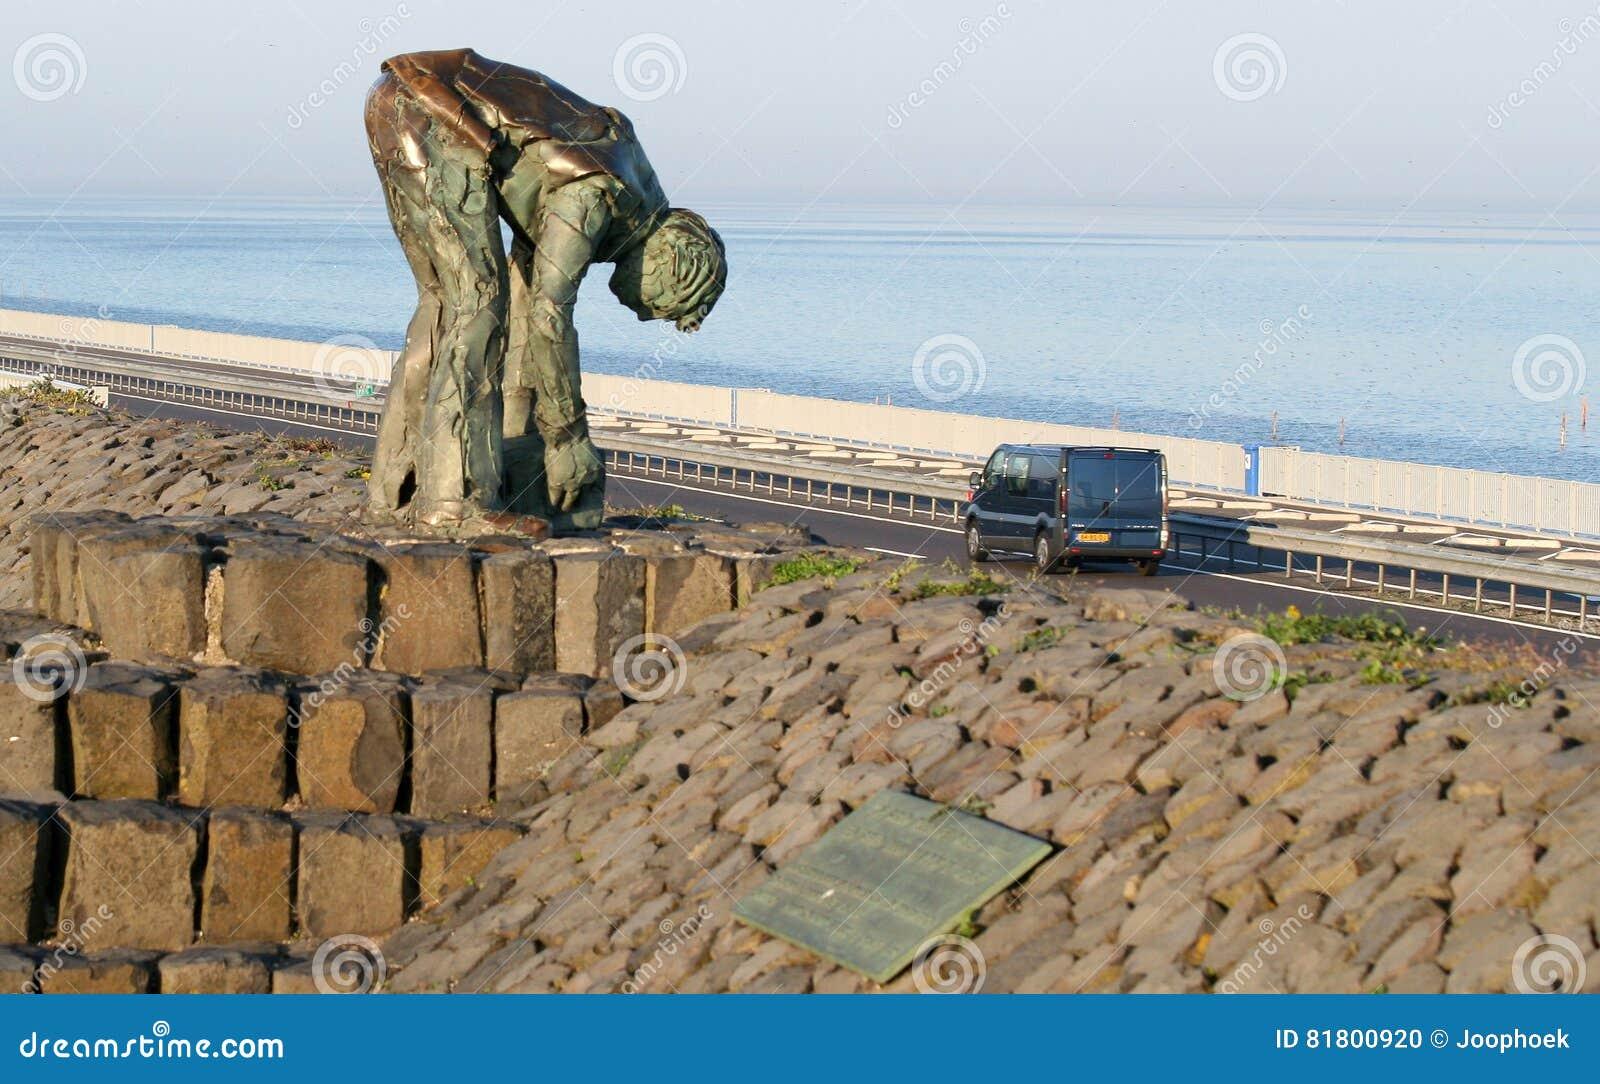 Статуя работников которые построили Afsluitdijk